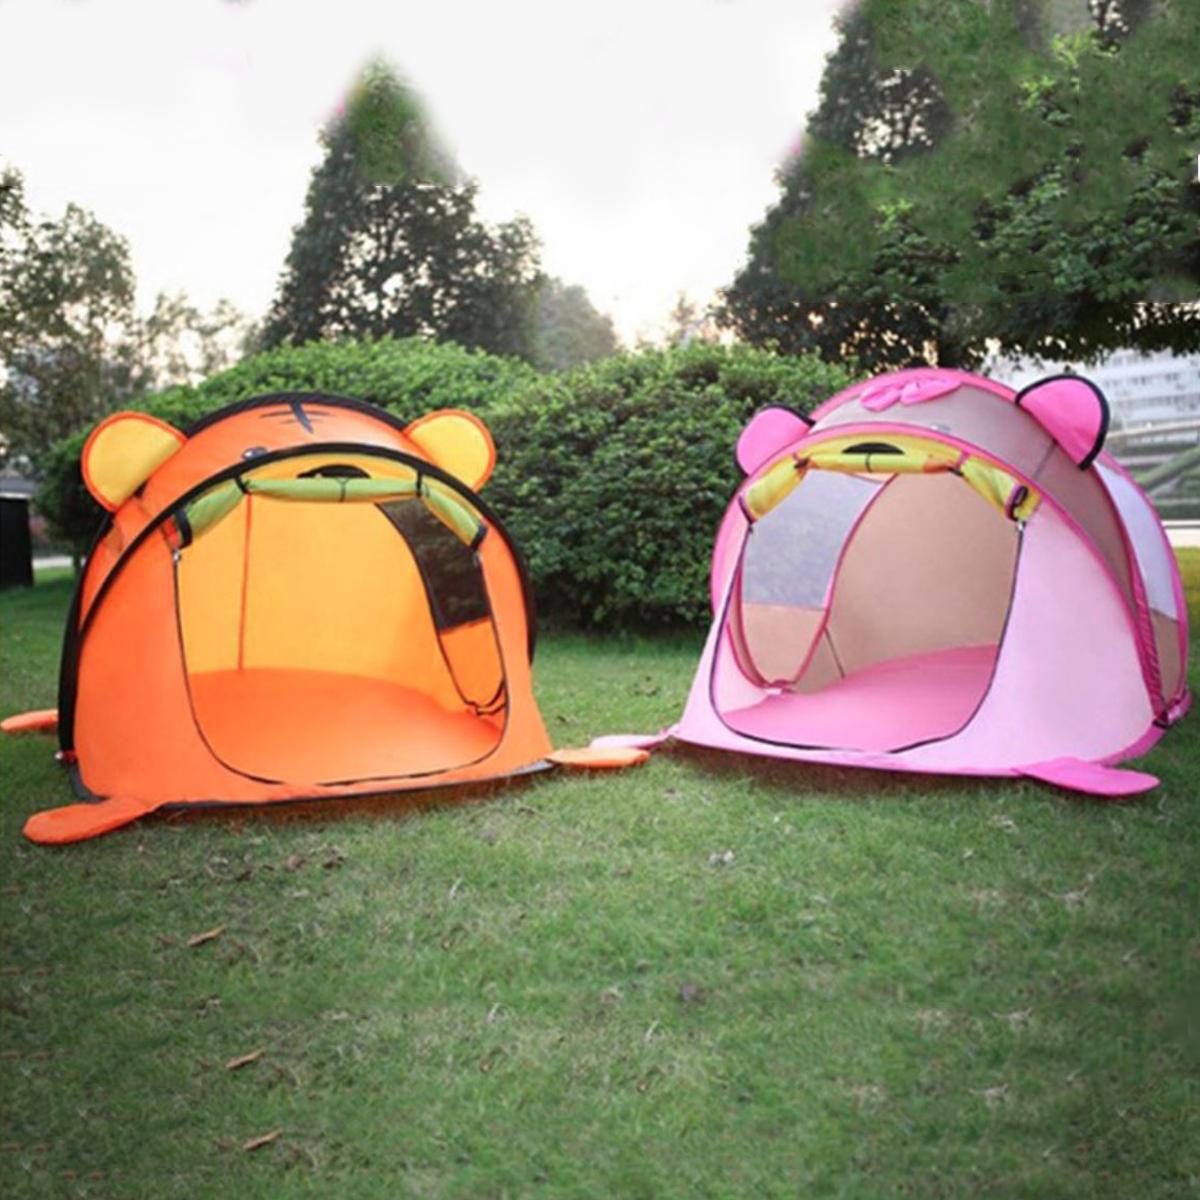 Lều Cho Bé - Lều Chơi Hình Gấu Baby - Chống Muỗi An Toàn, Thiết Kế Tự Bung, Dễ Dàng Di Chuyển, Tháo Rời, Cất Gọn.